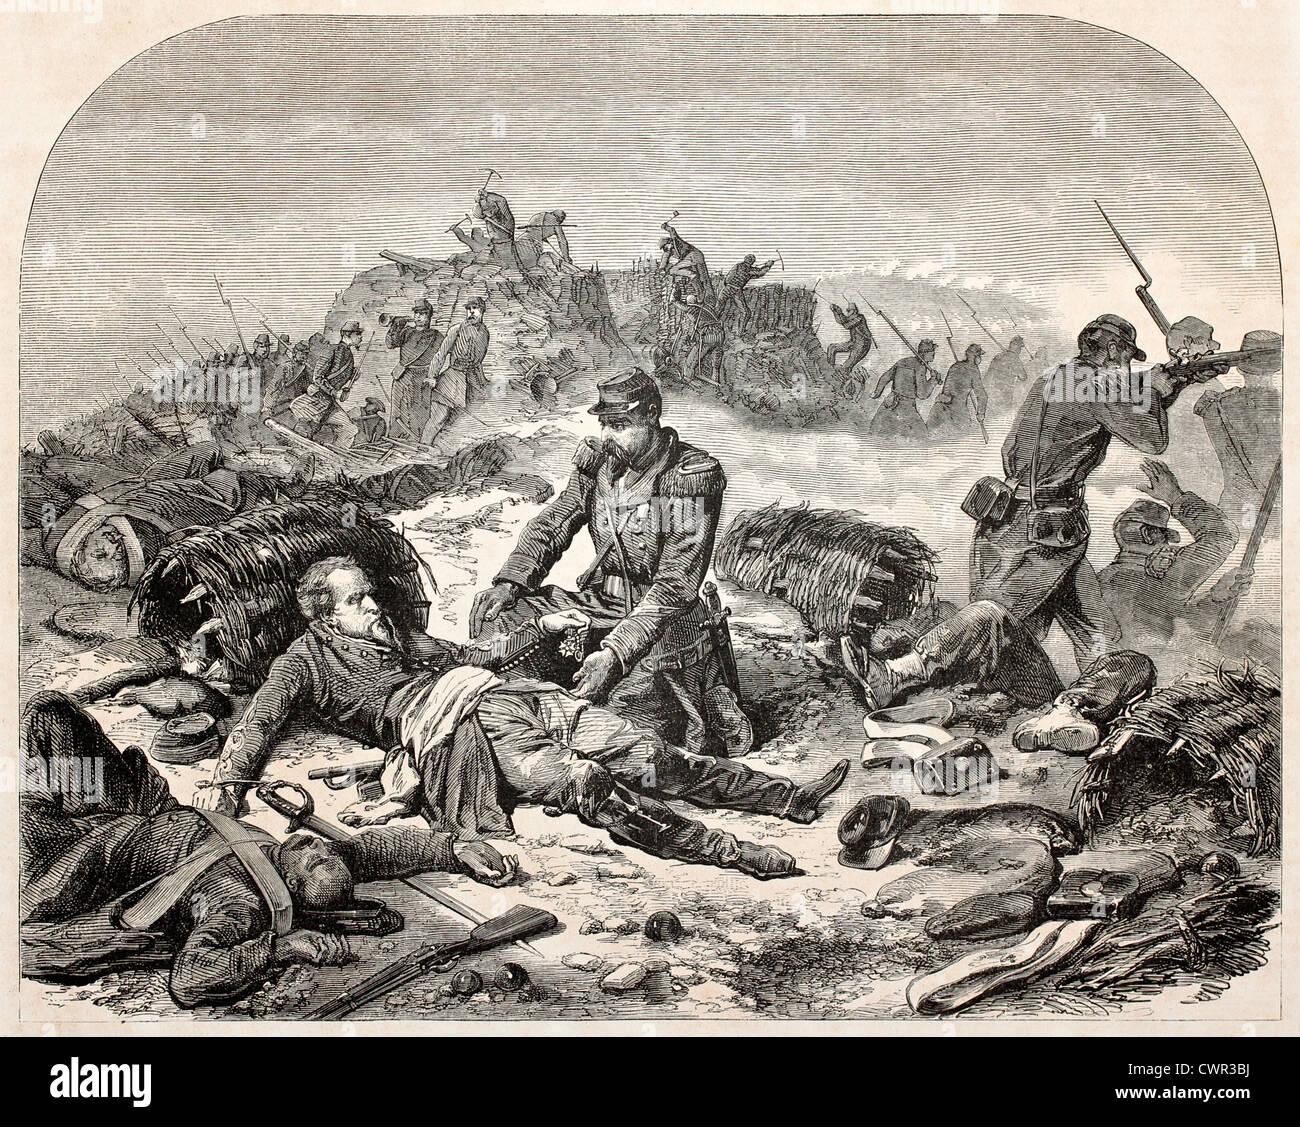 Soldato morente dando la sua ultima volontà Immagini Stock